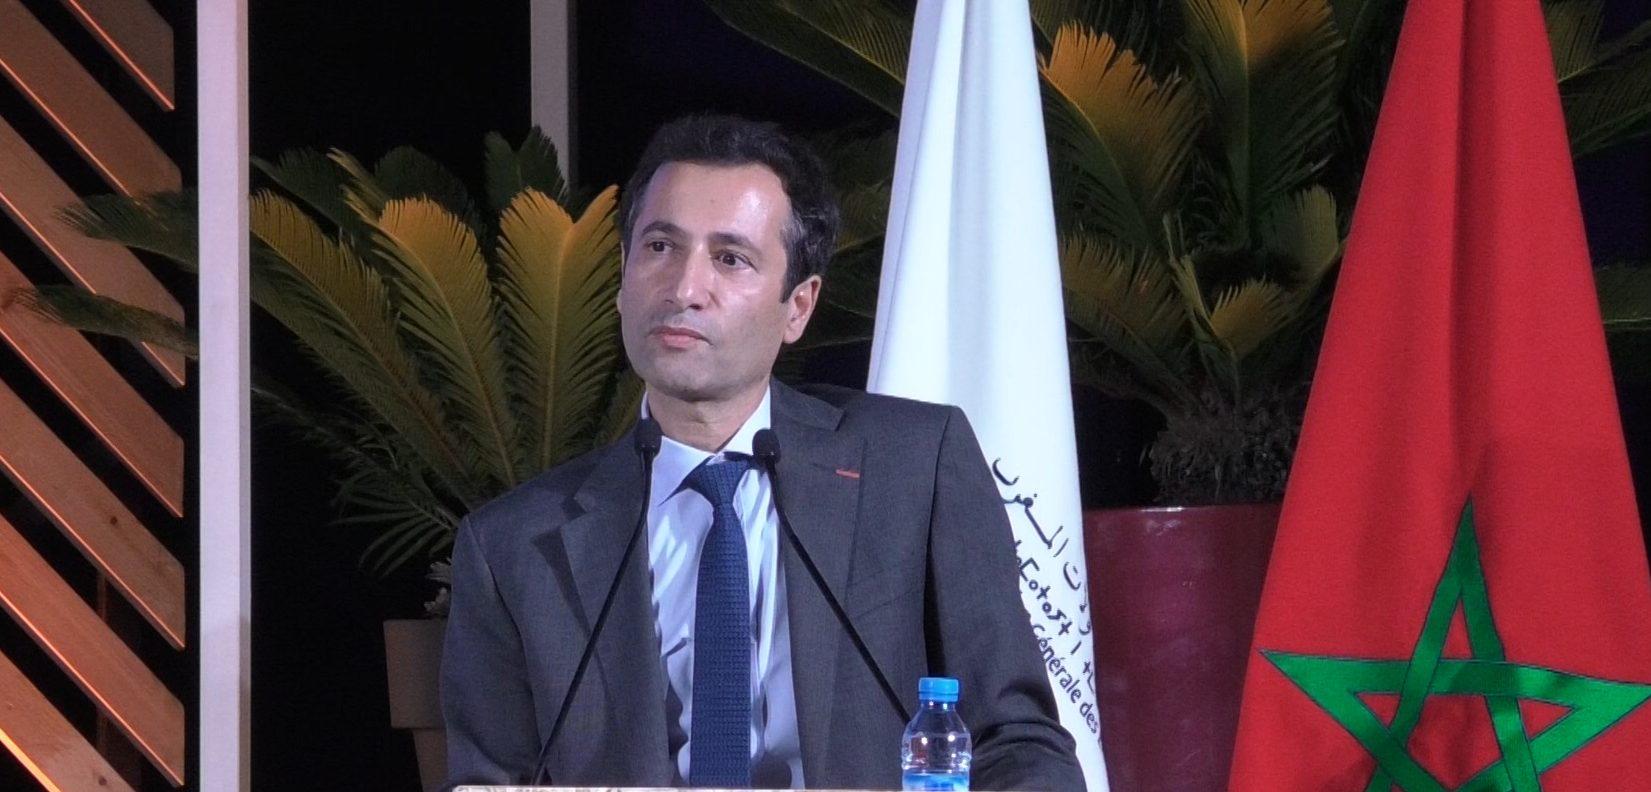 صورة بنشعبون: المغرب ثاني مستثمر إفريقي في القارة باستثمارات تقدر بـ 3 مليار دولار